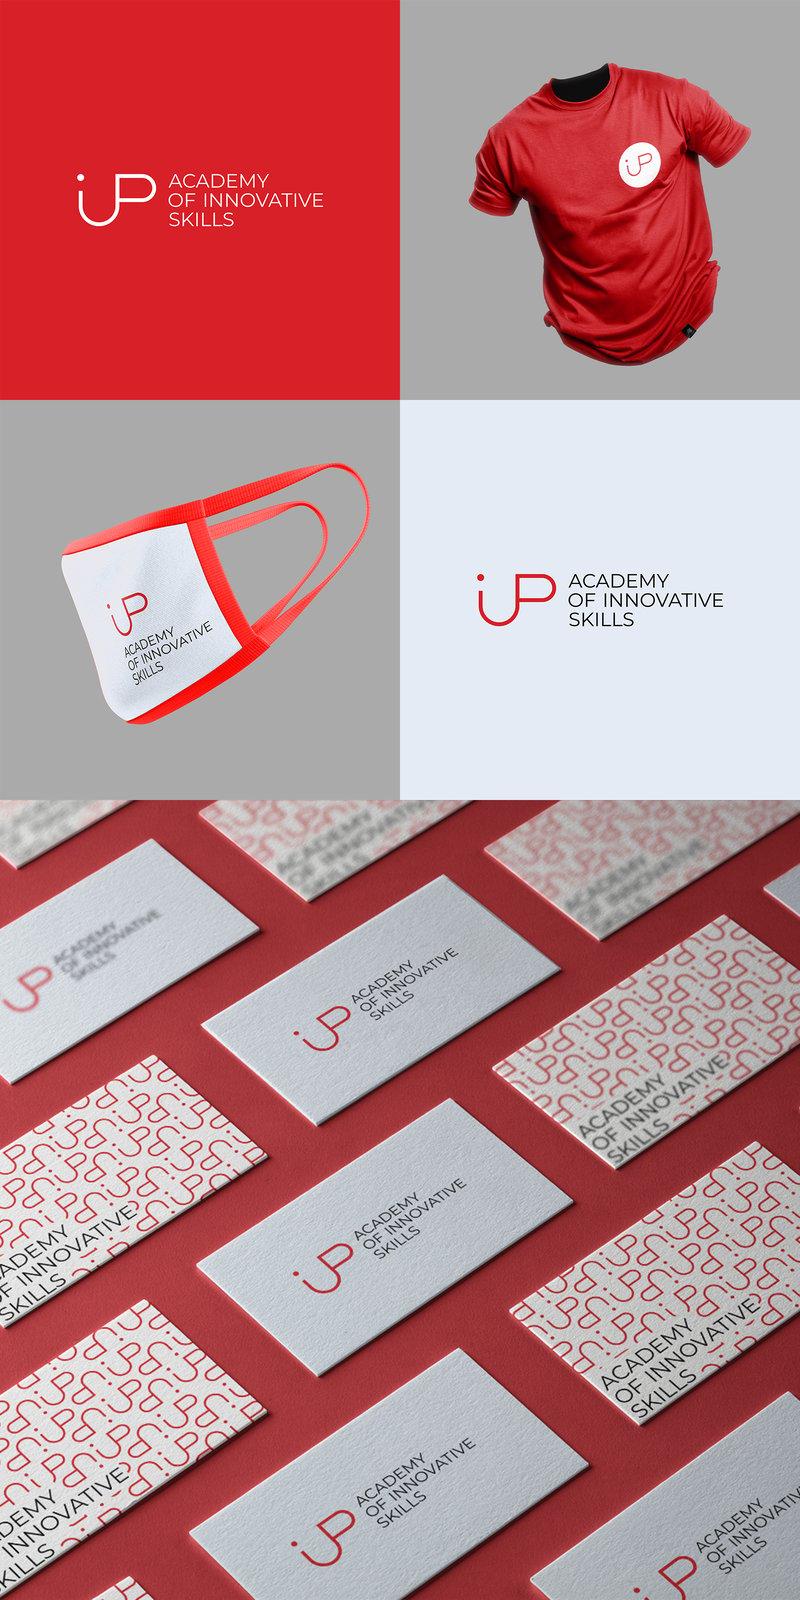 Логотип для образовательной платформы iup – работа в портфолио фрилансера